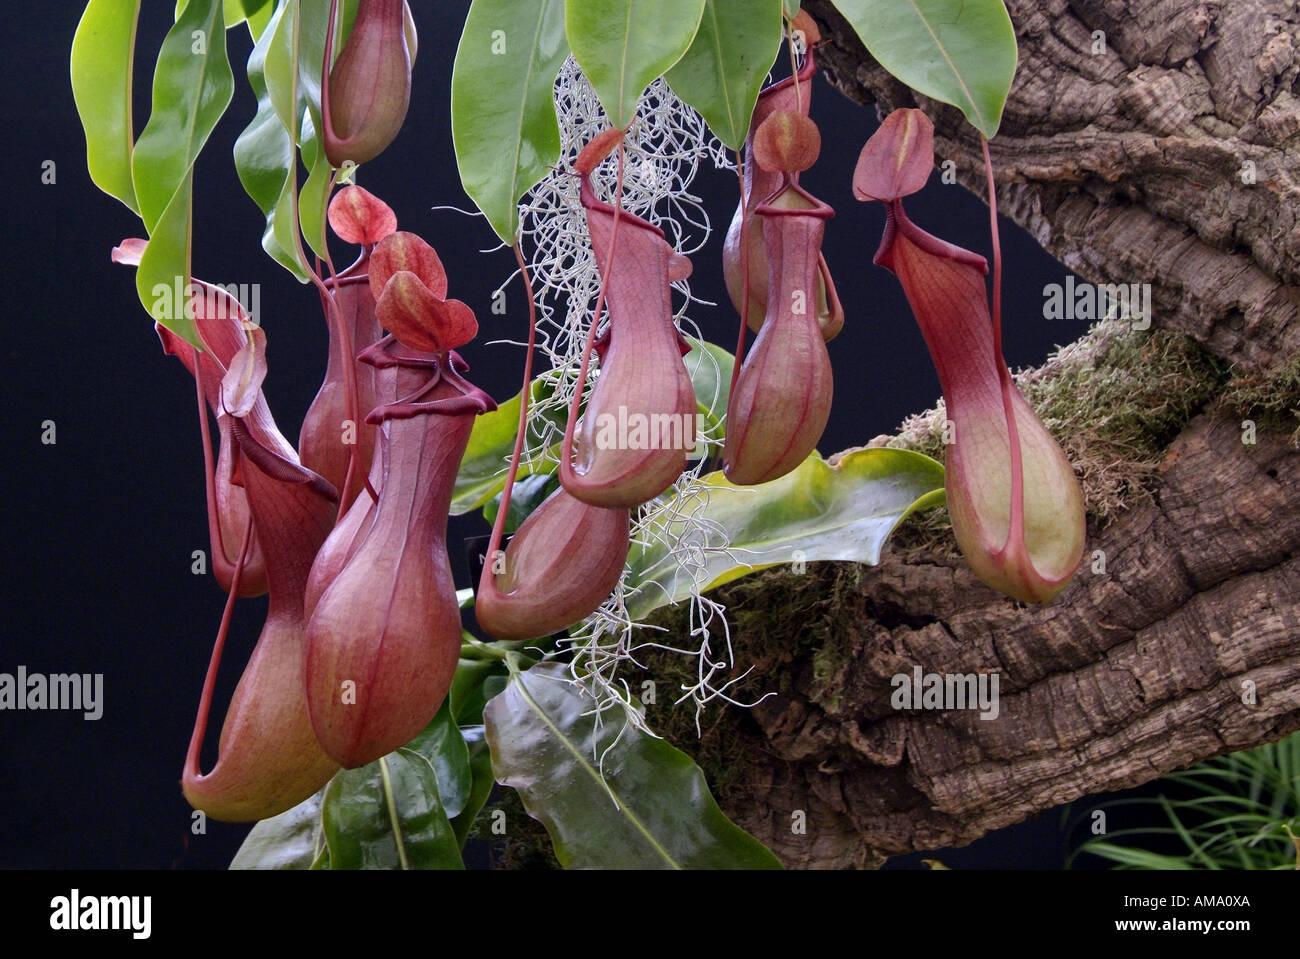 Sarracenia purpurea cántaro planta insectívora insecto flor americaTropical norte comer comer carnívoro exótico carnívoros. Foto de stock